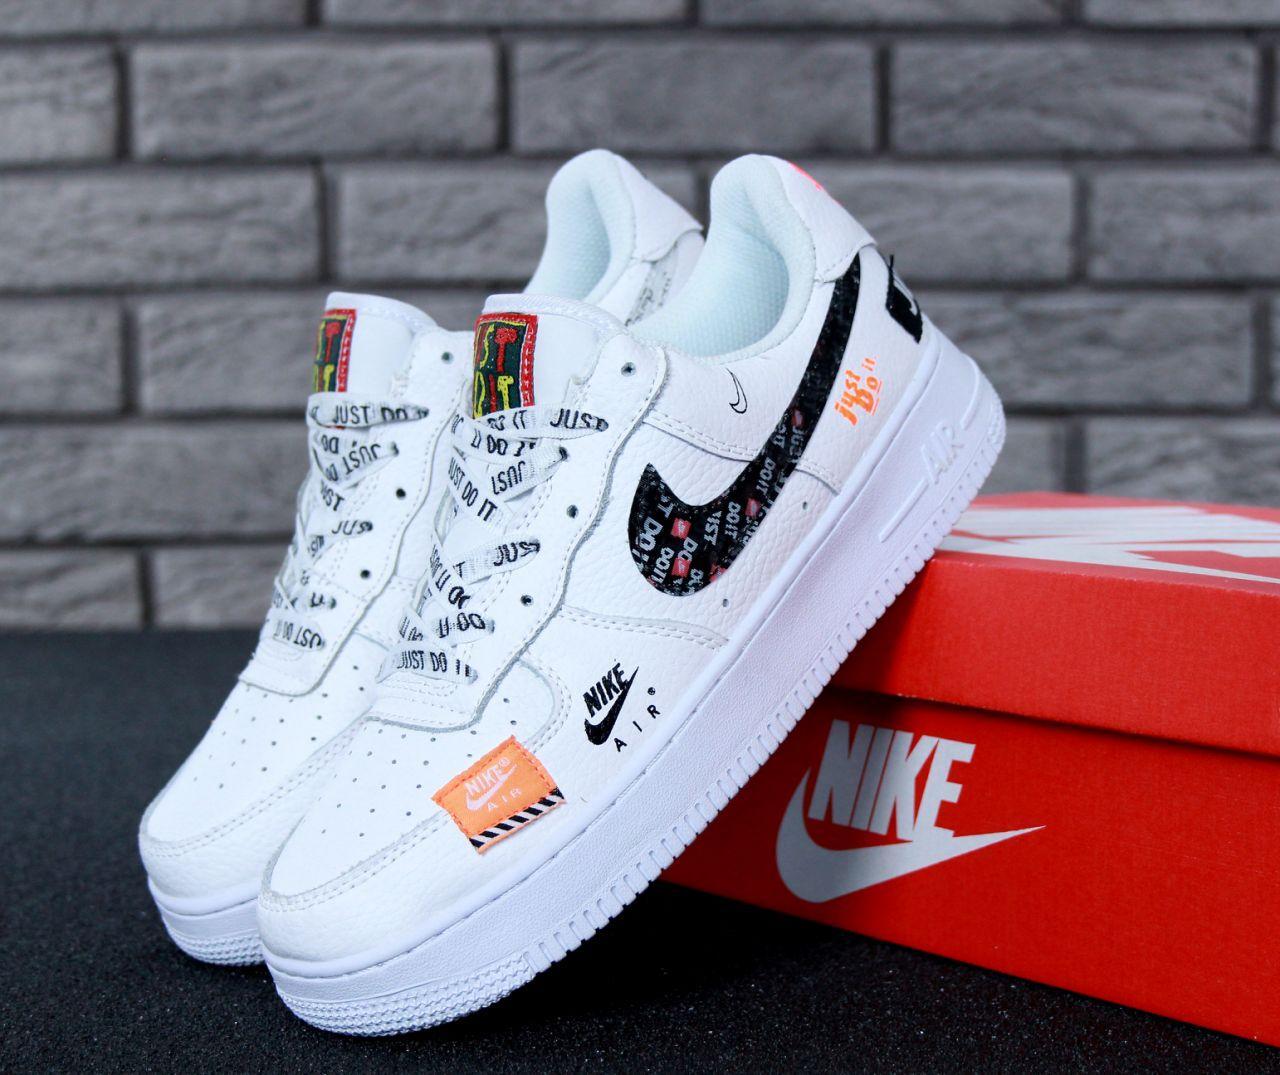 Мужские кроссовки Nike Air Force Low Just Do It. Белые. Кожа, цена 1 ... 8946f94440f